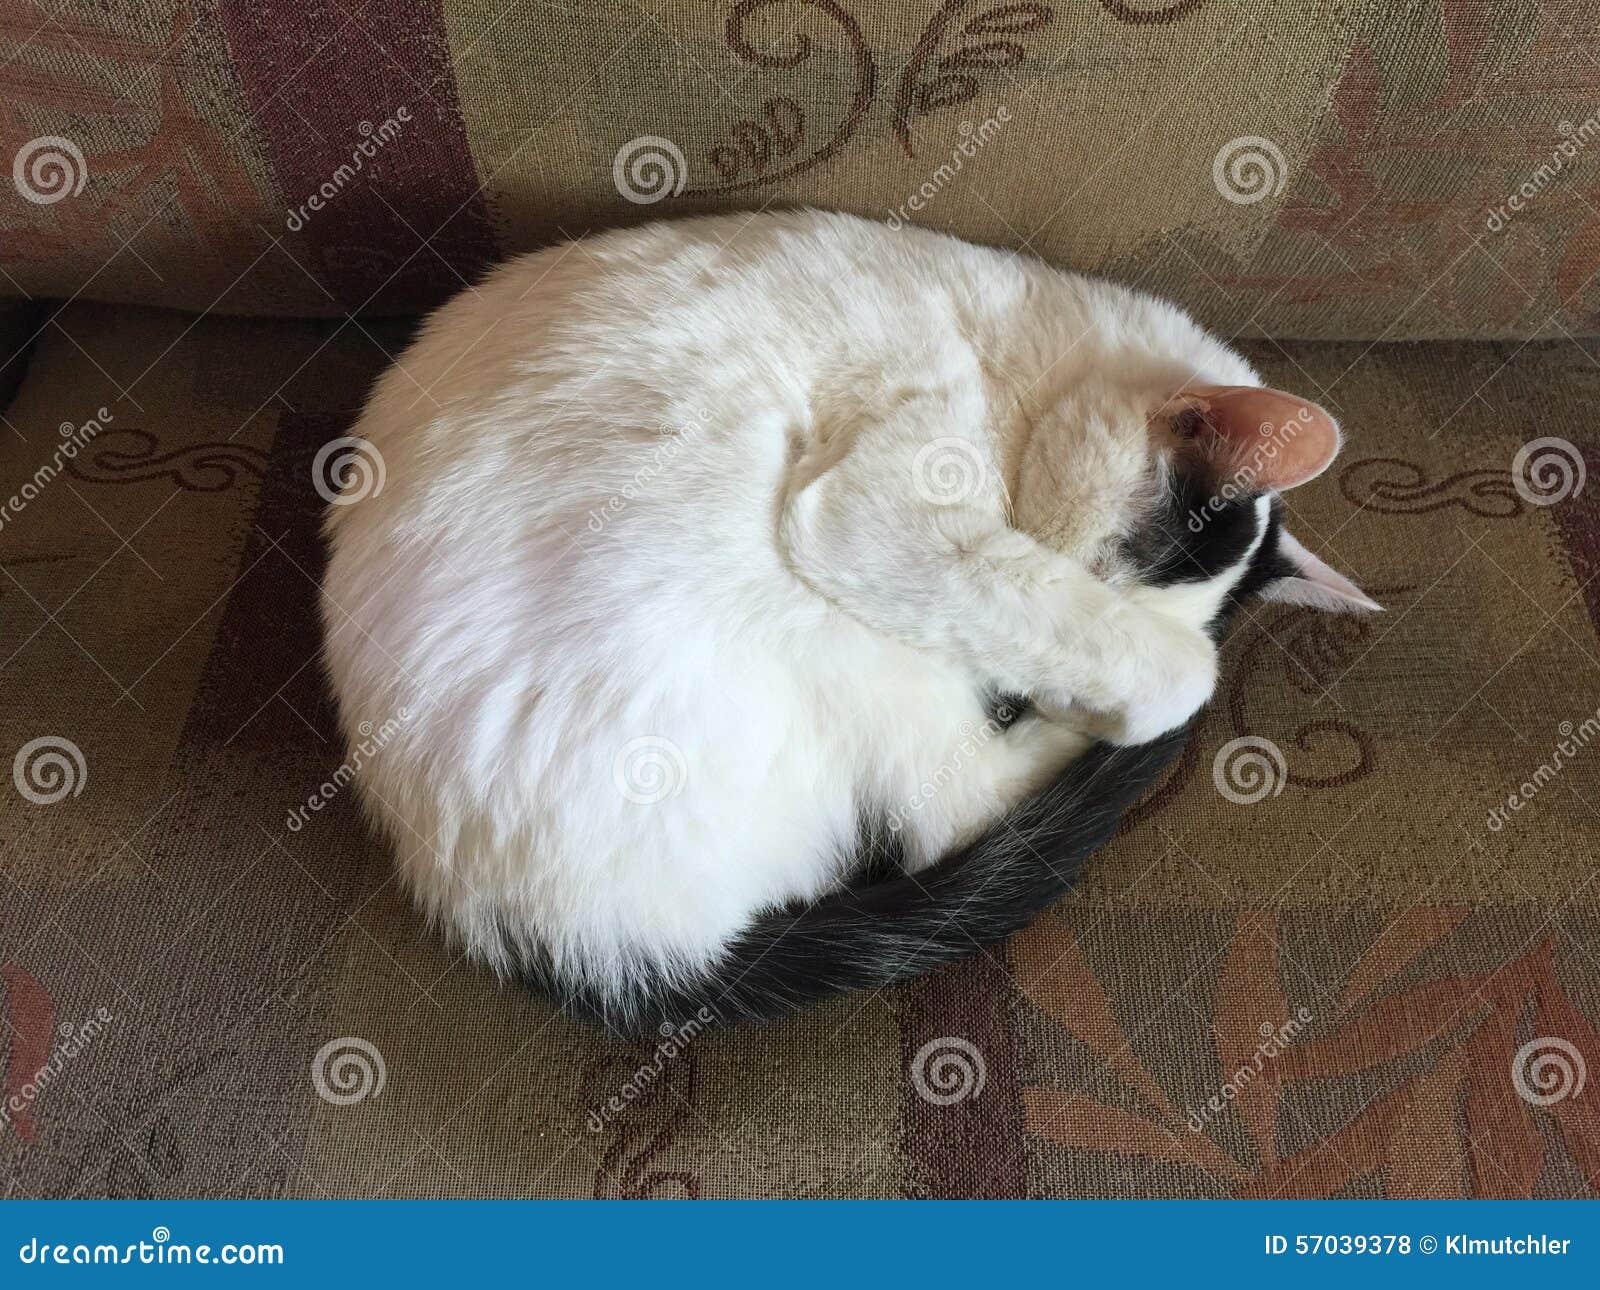 es ist zu hell stockfoto bild von hell schlafen bedeckung 57039378. Black Bedroom Furniture Sets. Home Design Ideas